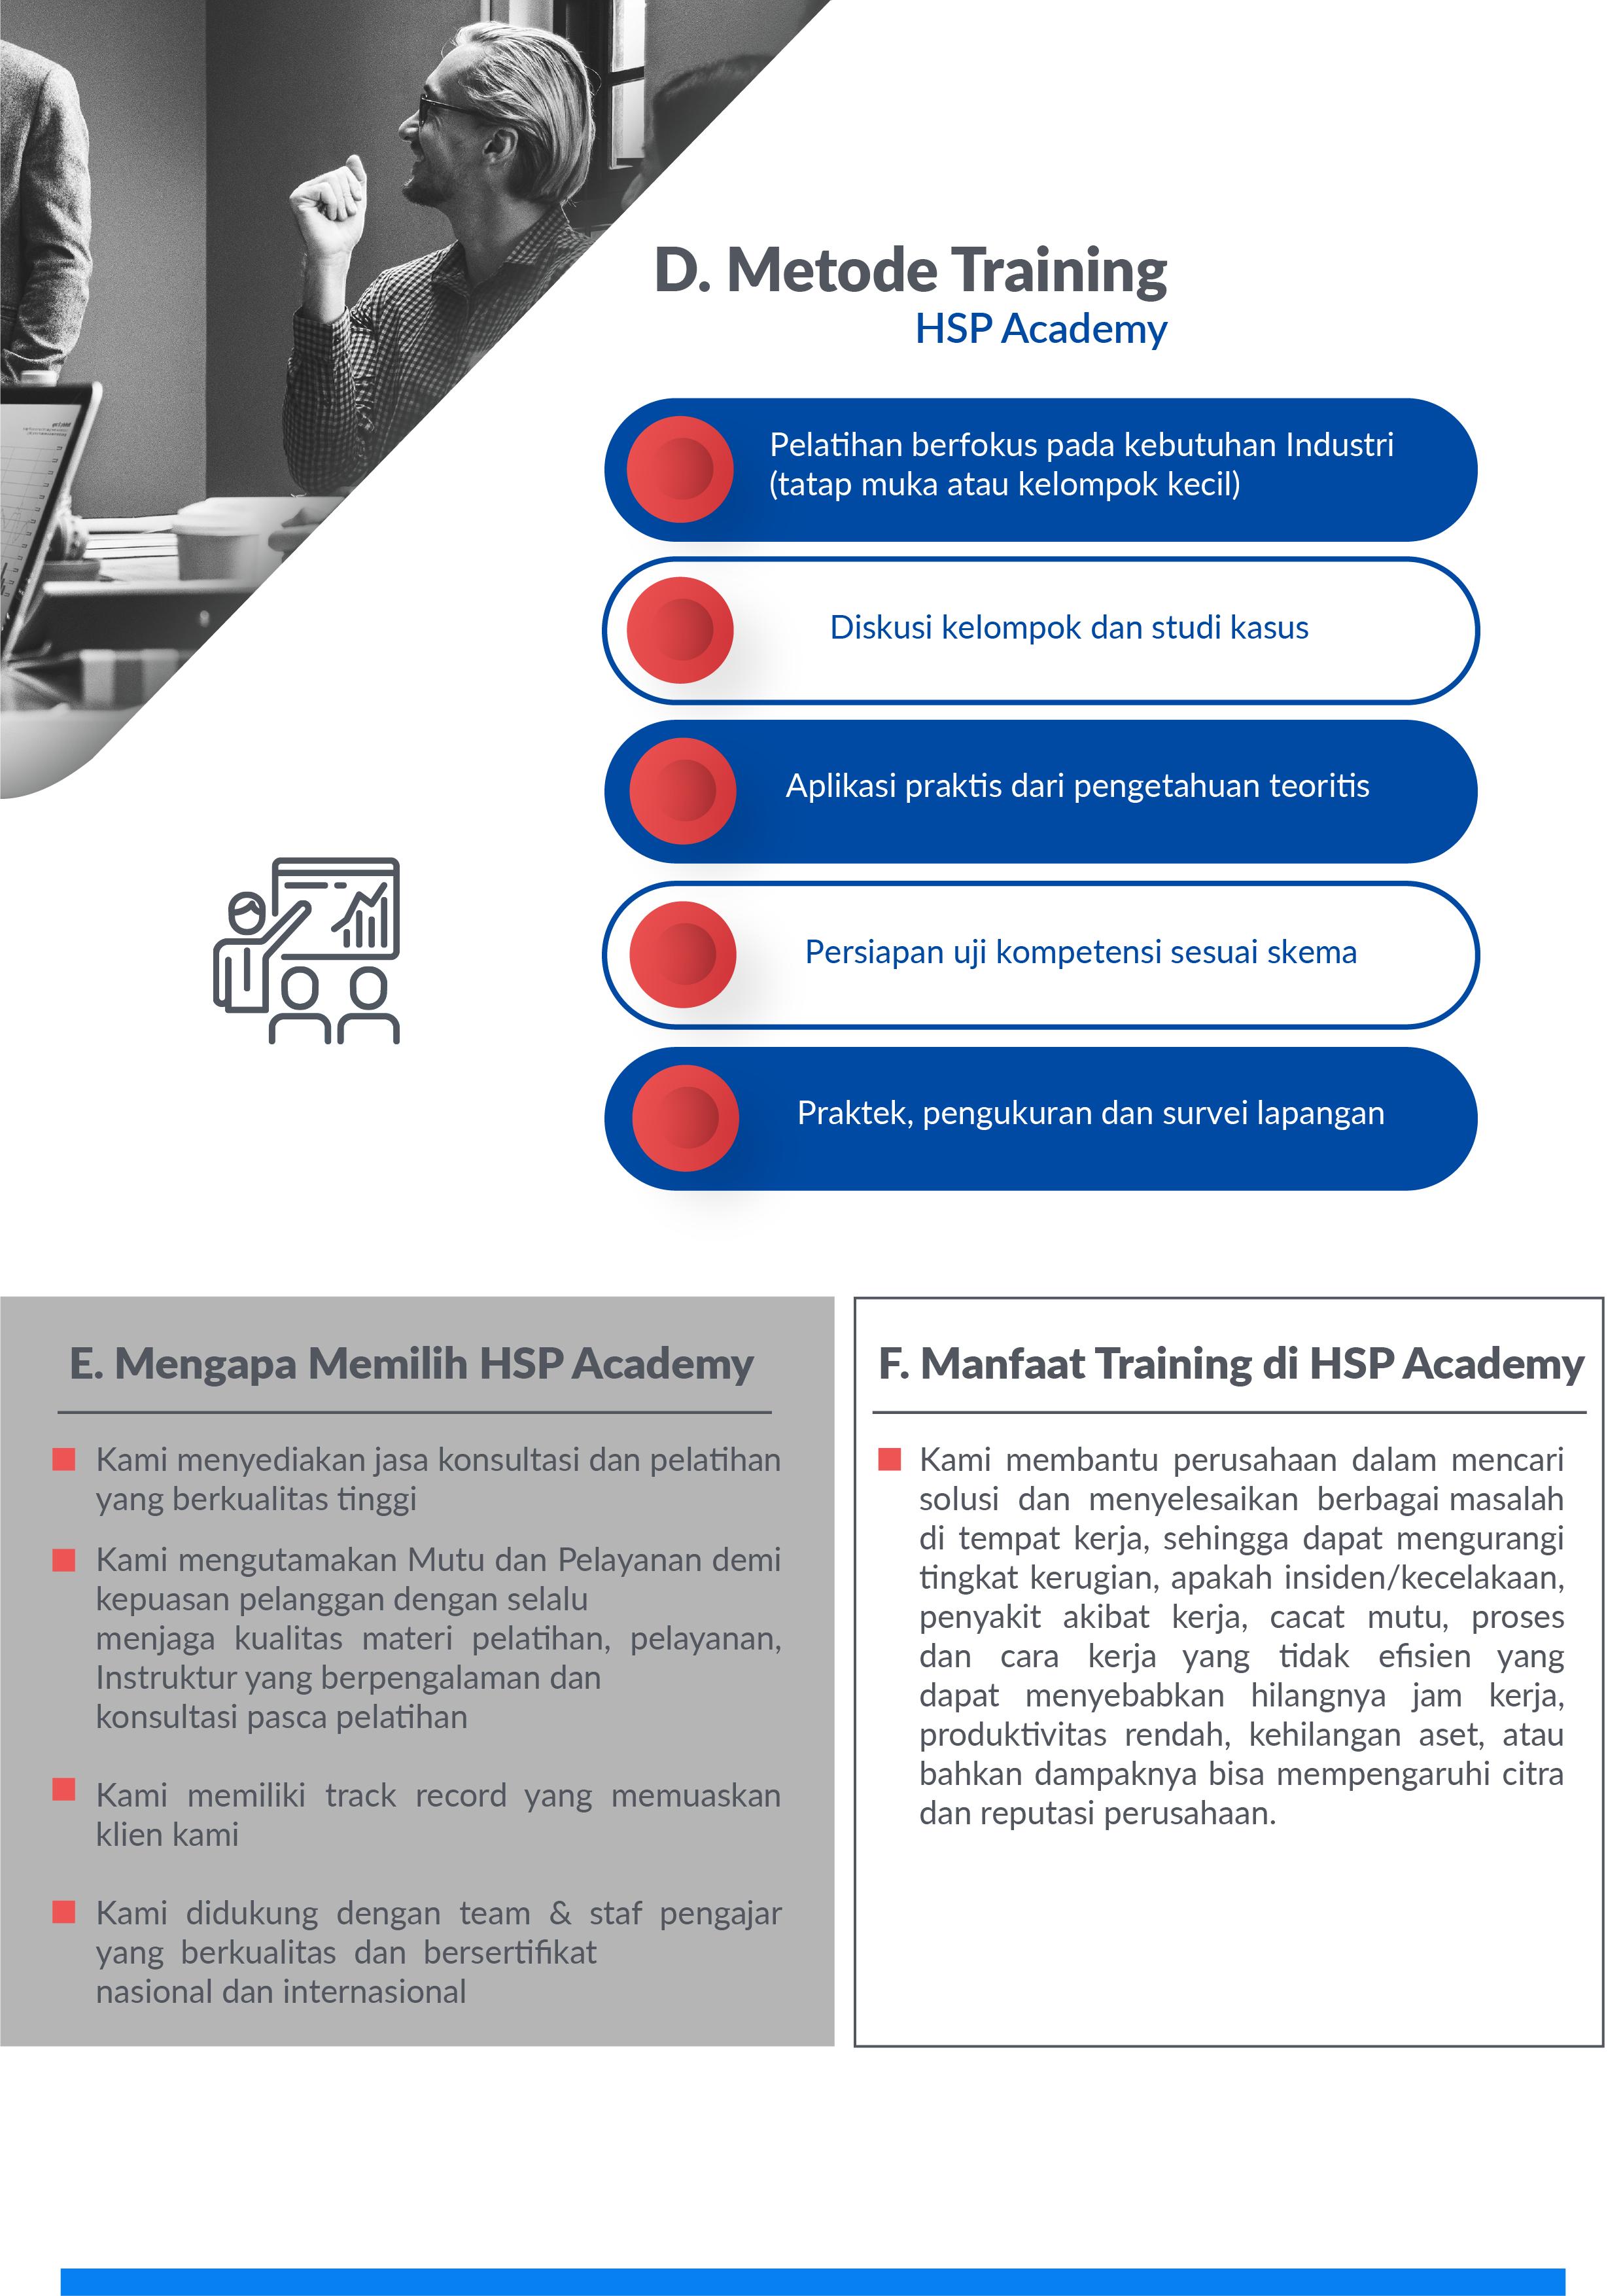 Profil Perusahaan HSP Academy 2020 - Bagian 1-08